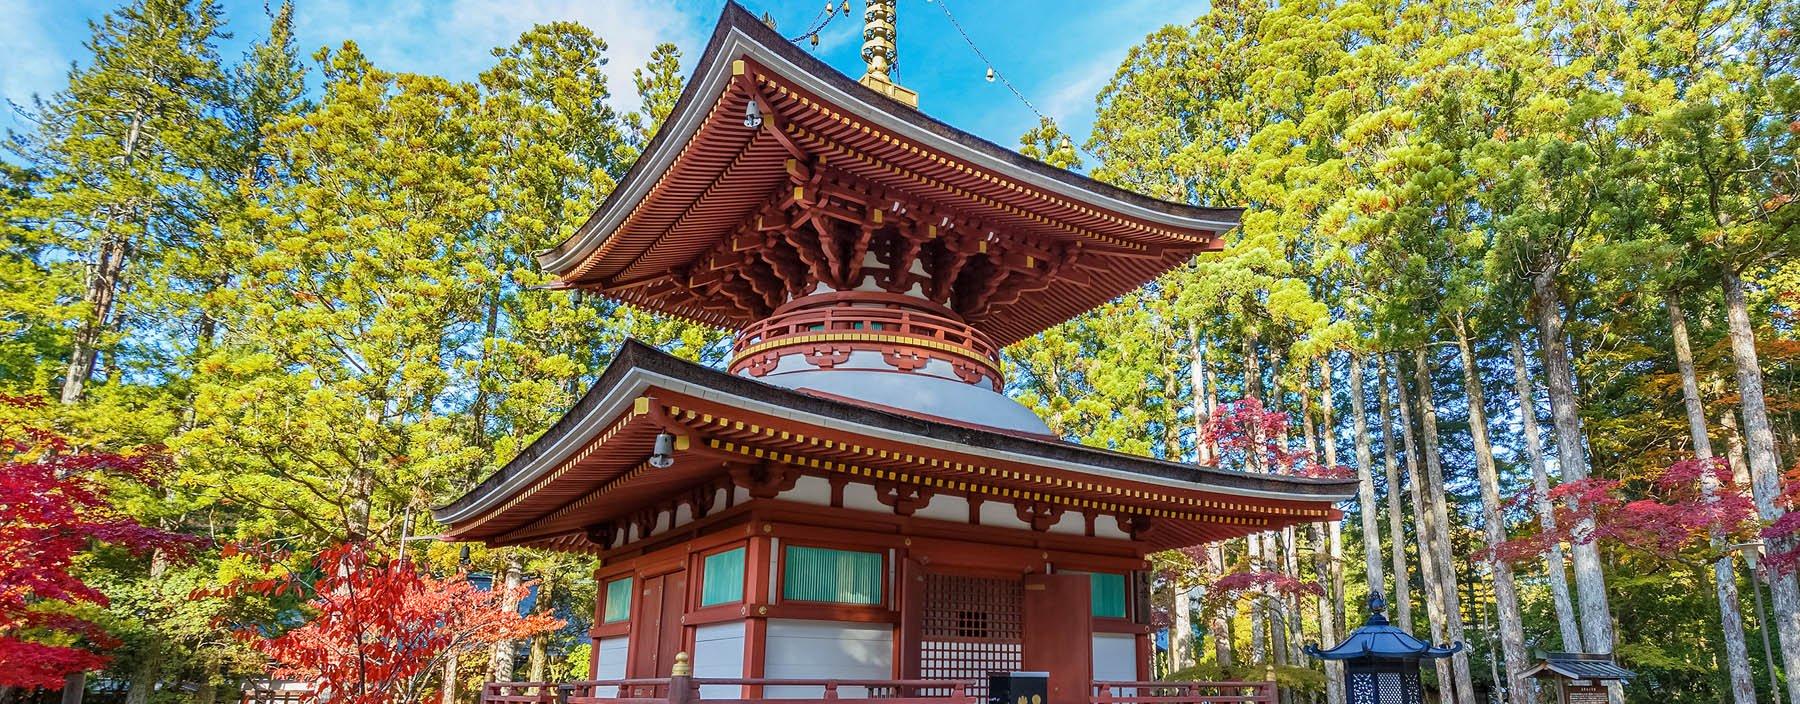 jp, koyasan, danjo garan tempel.jpg